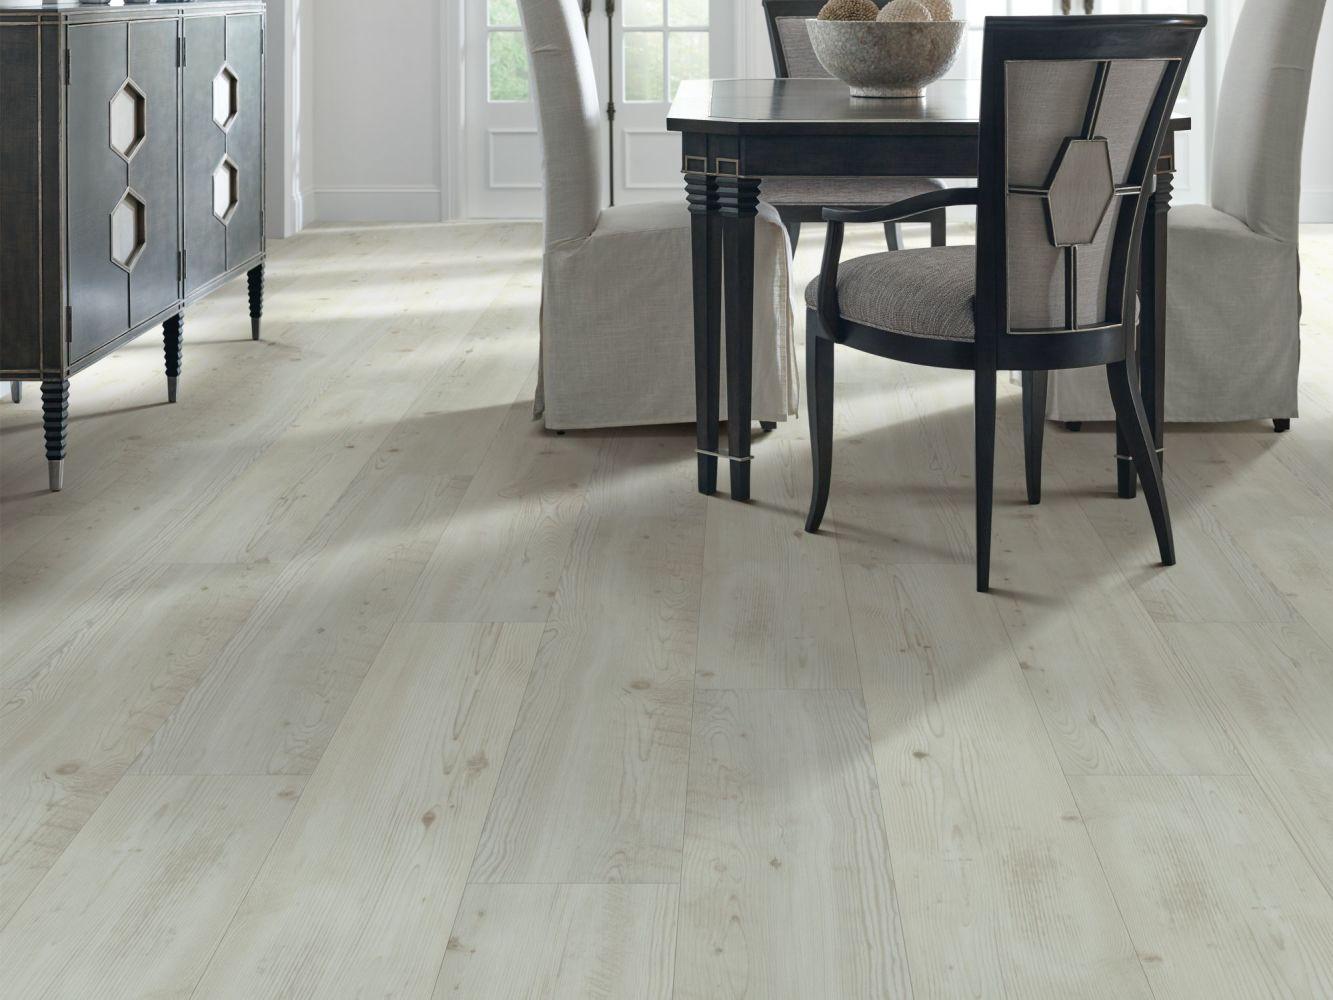 Shaw Floors Resilient Residential Allegiance+ Milled Jackson Pine 01040_2018V